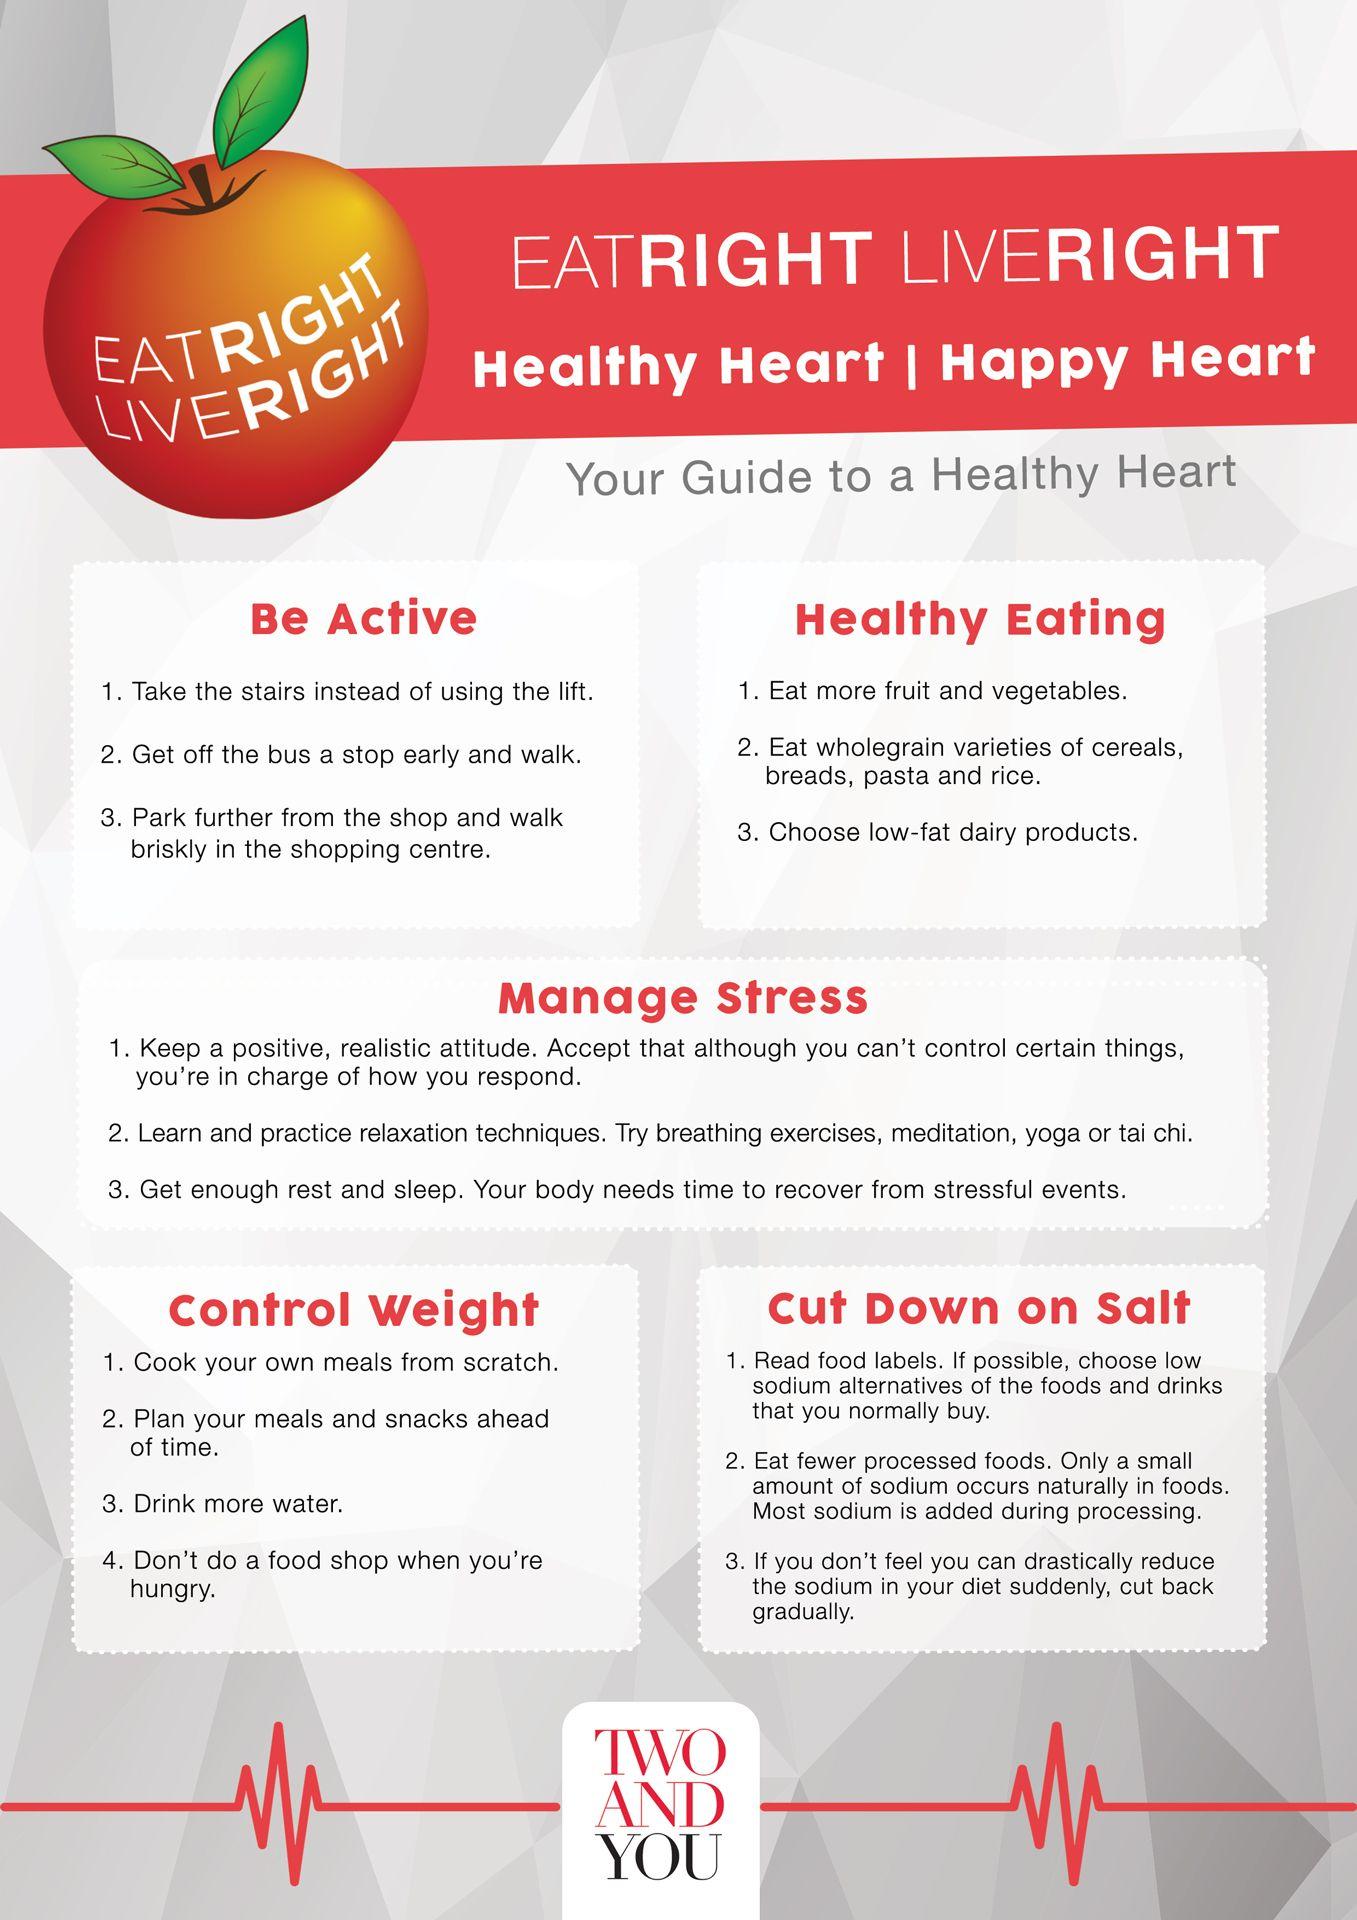 Erlr heart facts poster heart facts menu restaurant